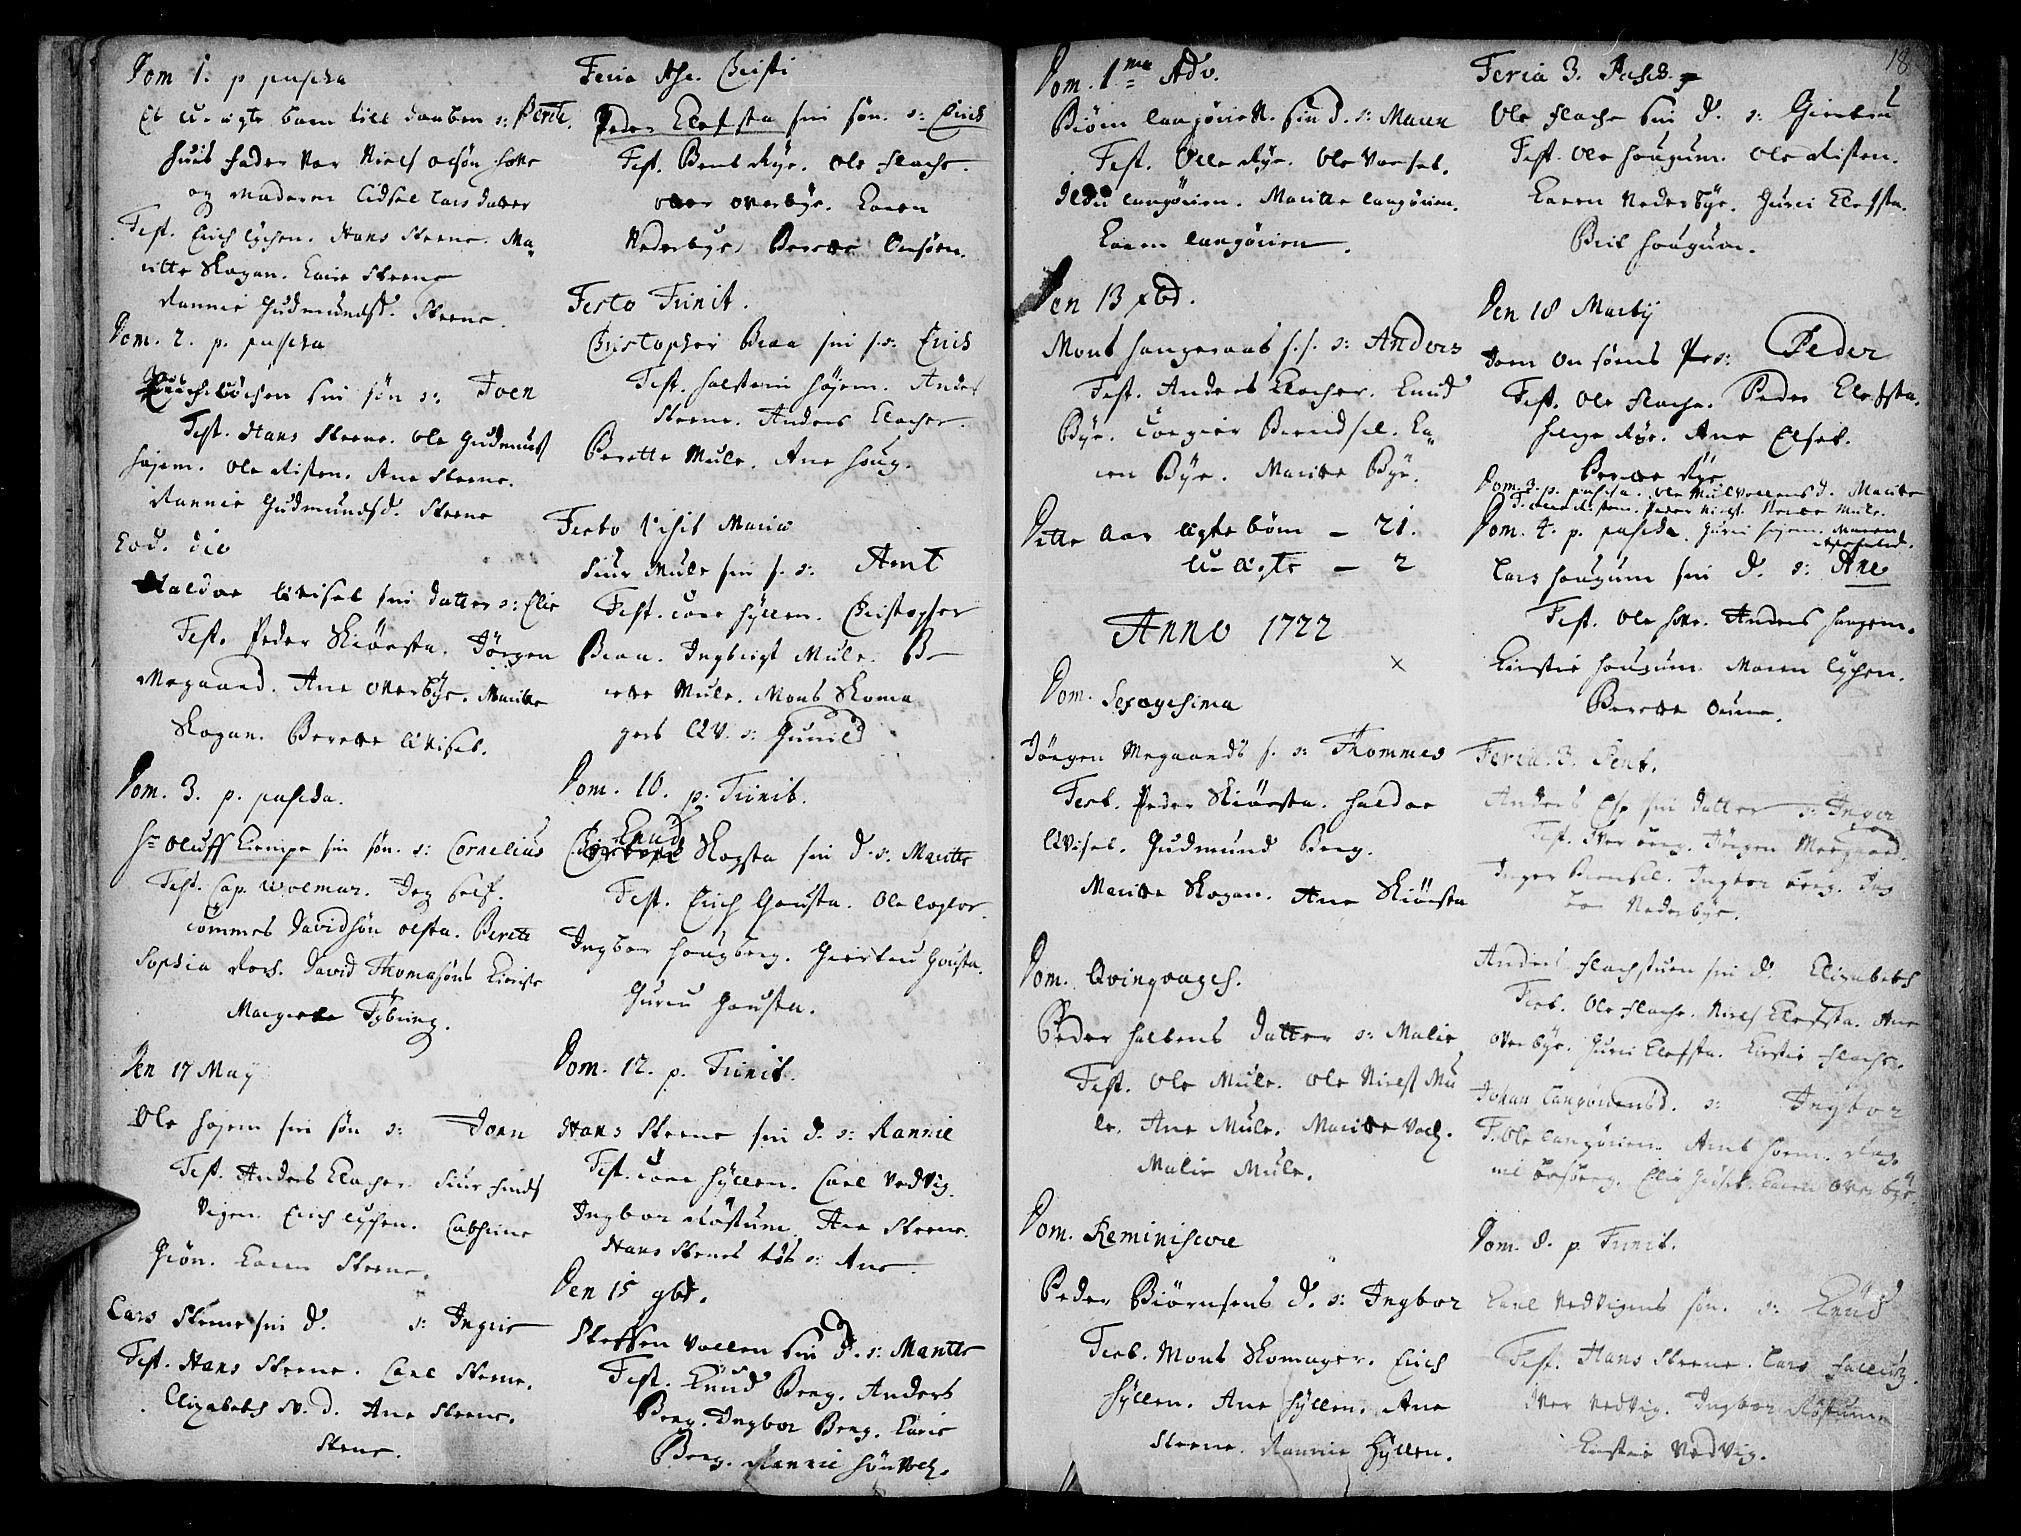 SAT, Ministerialprotokoller, klokkerbøker og fødselsregistre - Sør-Trøndelag, 612/L0368: Ministerialbok nr. 612A02, 1702-1753, s. 18